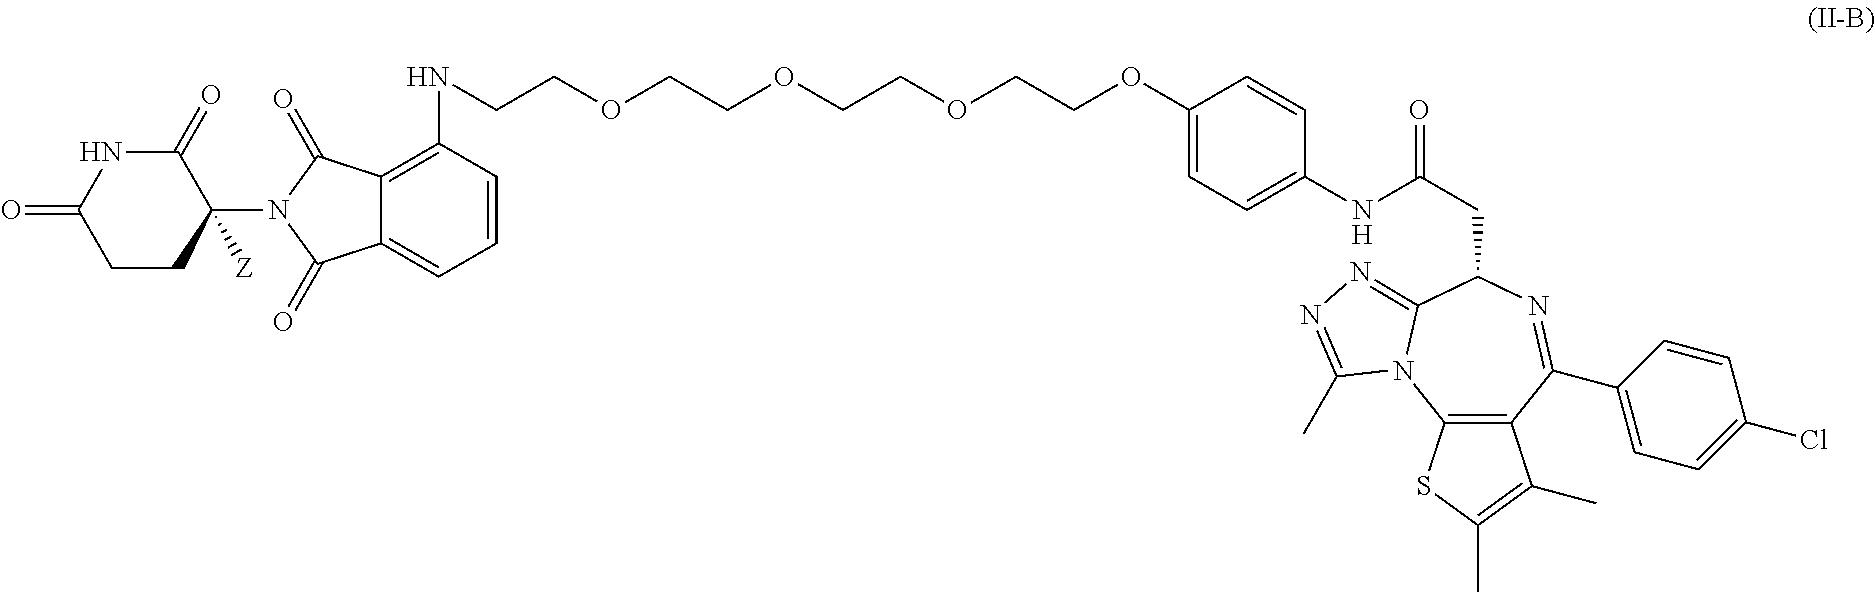 Figure US09809603-20171107-C00054